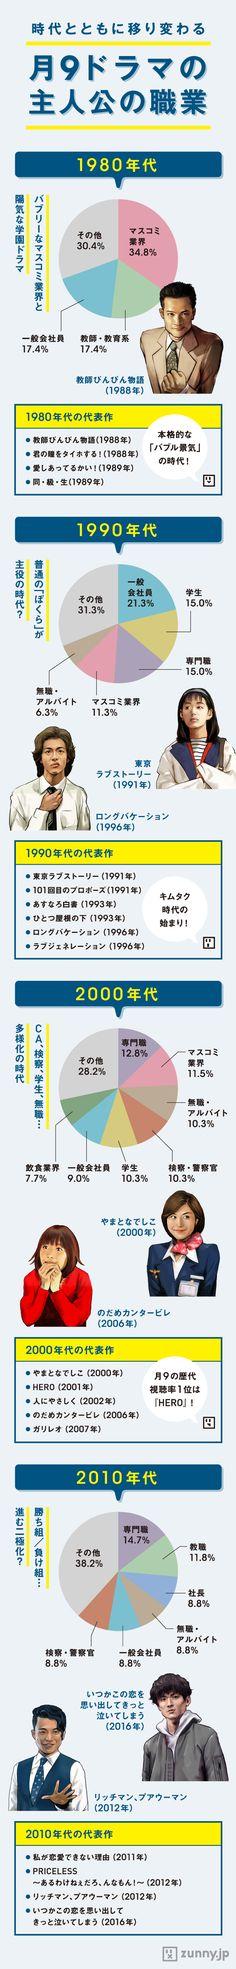 「月9ドラマ」設定に見る「トレンド職業」の変遷 | ZUNNY インフォグラフィック・ニュース